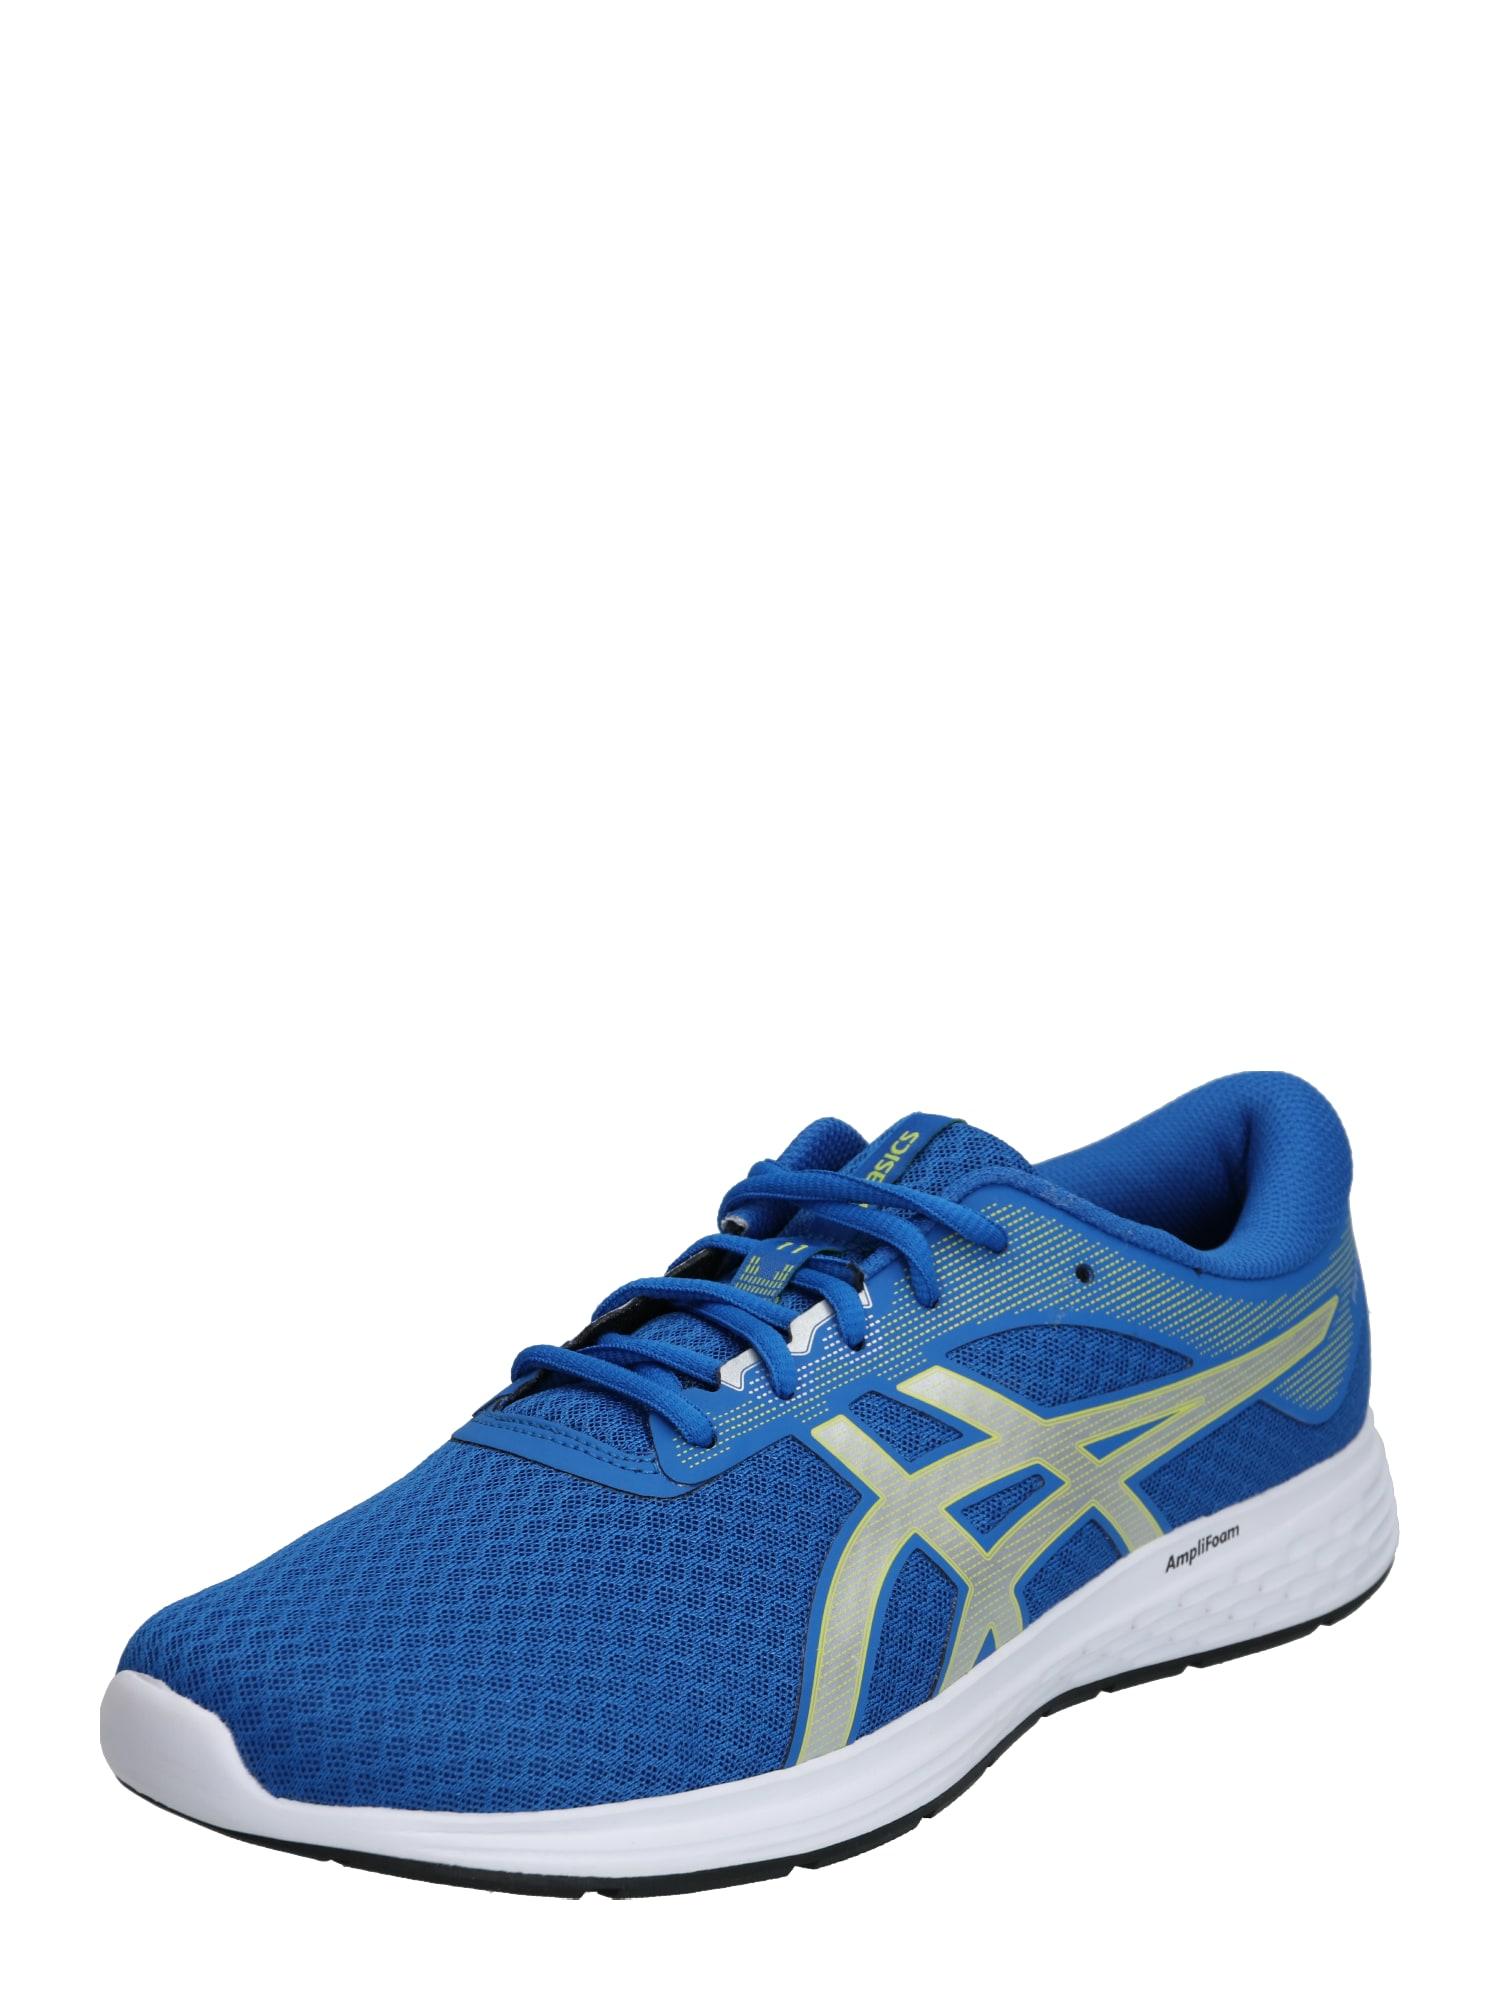 ASICS Bėgimo batai 'PATRIOT 11' žaliosios citrinos spalva / mėlyna / sidabras